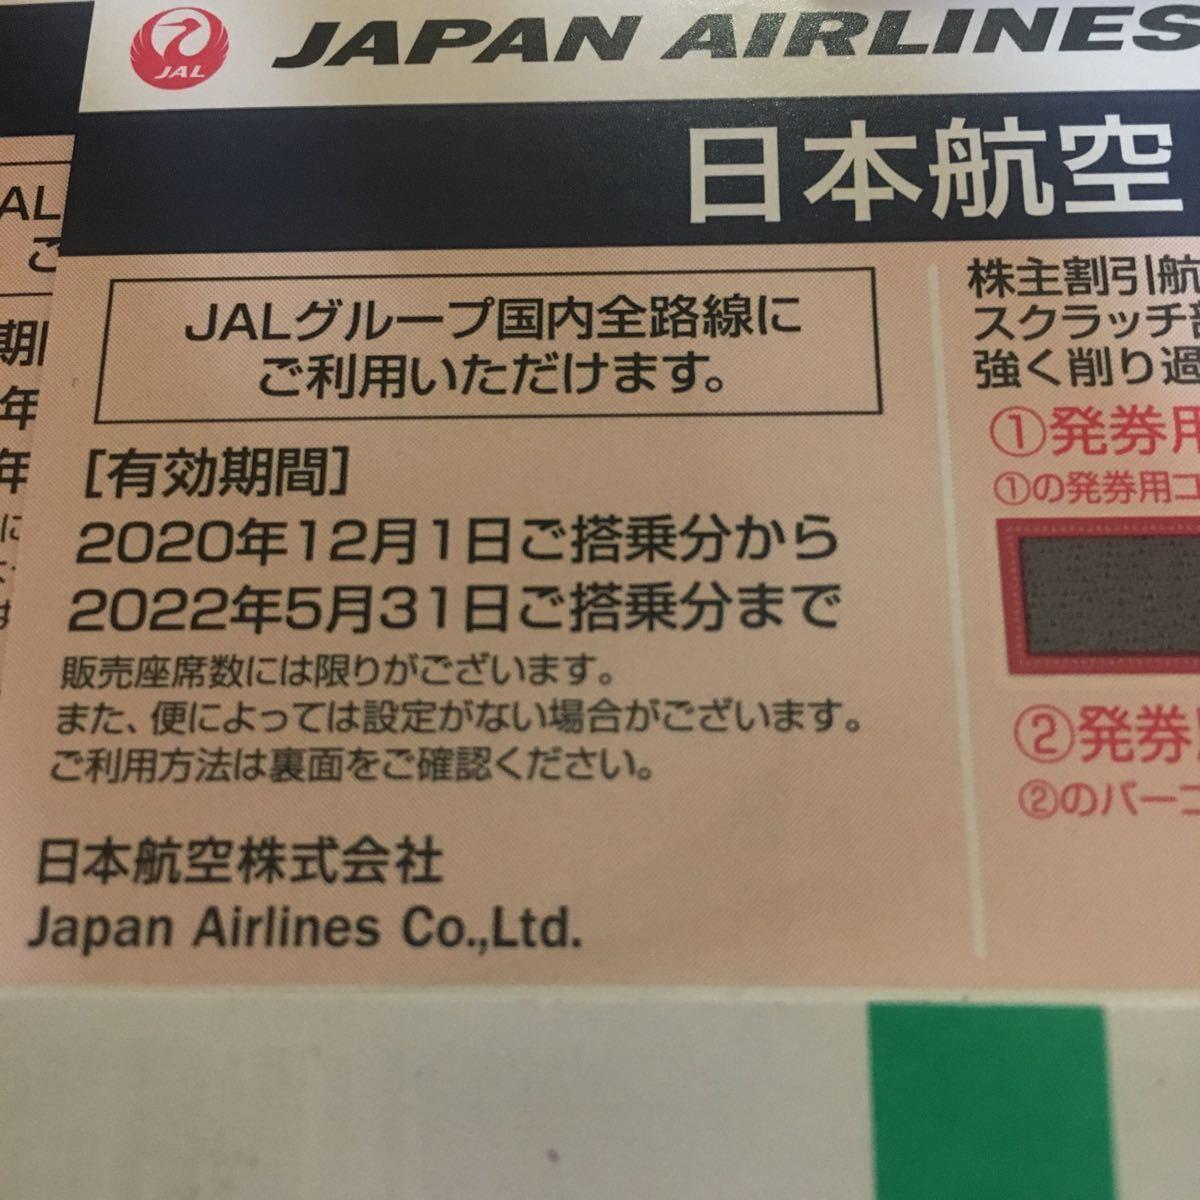 JAL 日本航空 株主優待券2枚セット 50%割引(片道)番号通知のみ送料無料  ~2022年5月31日 搭乗分 航空券 割引券_画像2